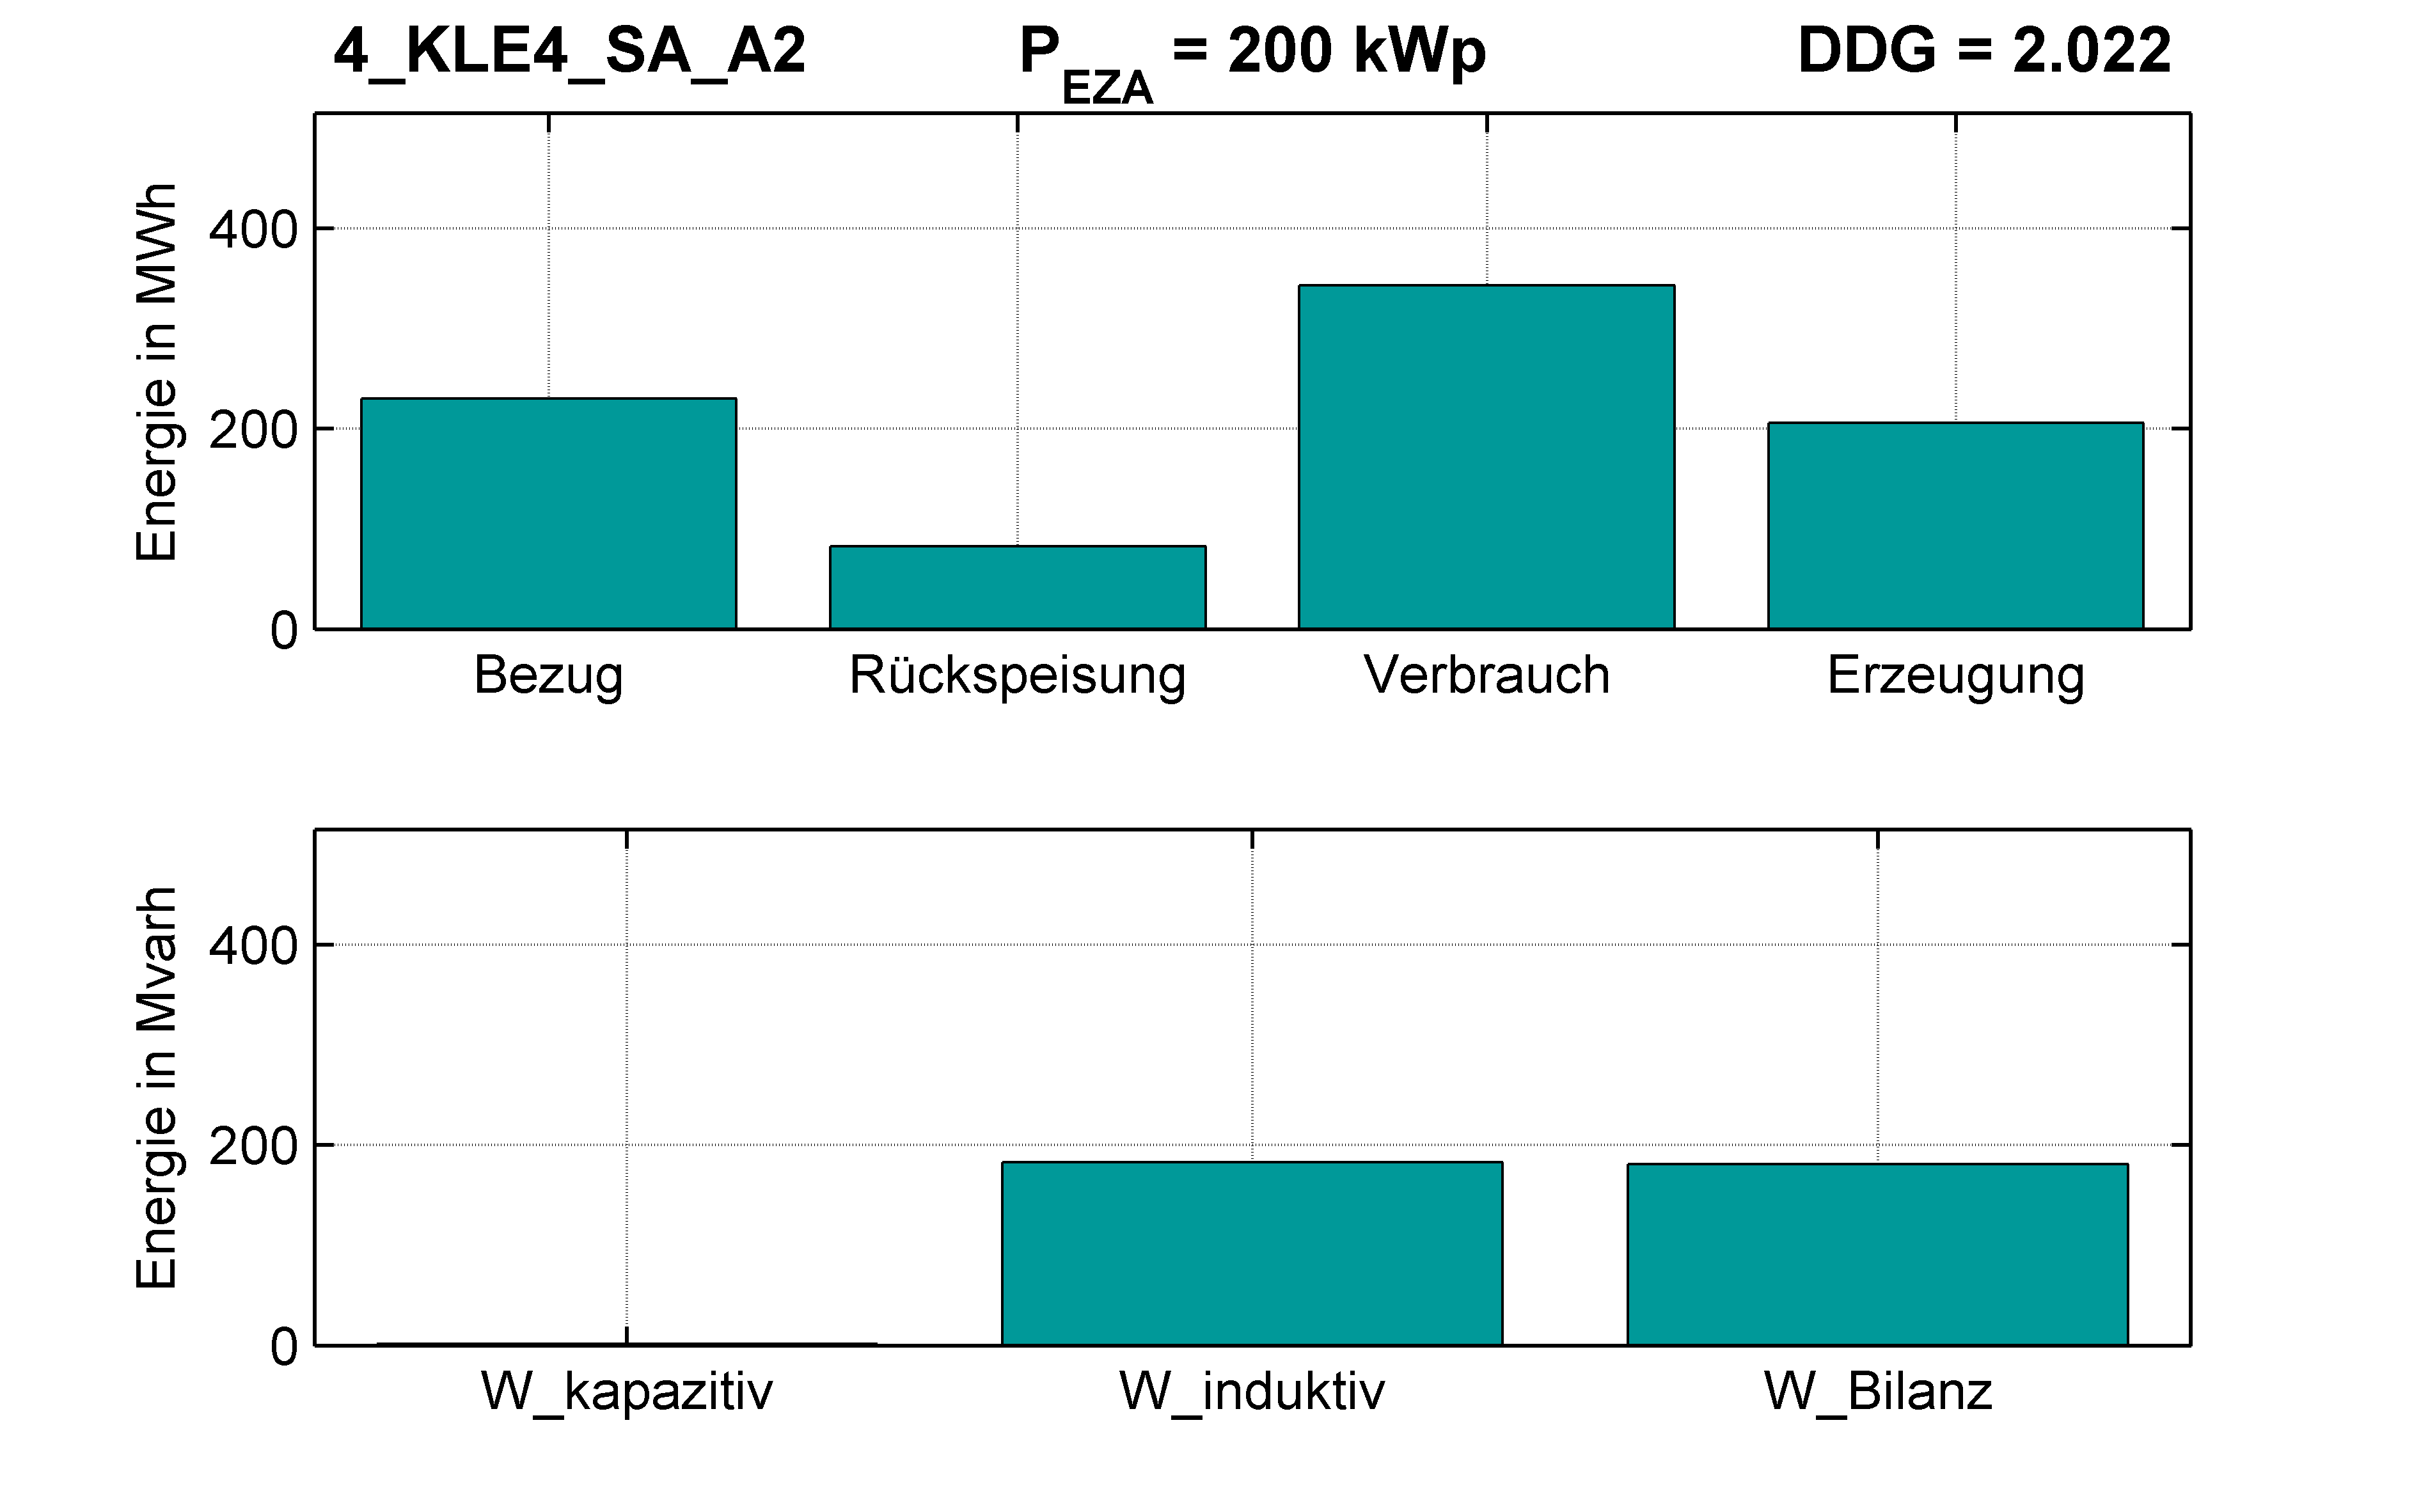 KLE4 | P-Kappung 55% (SA) A2 | PQ-Bilanz